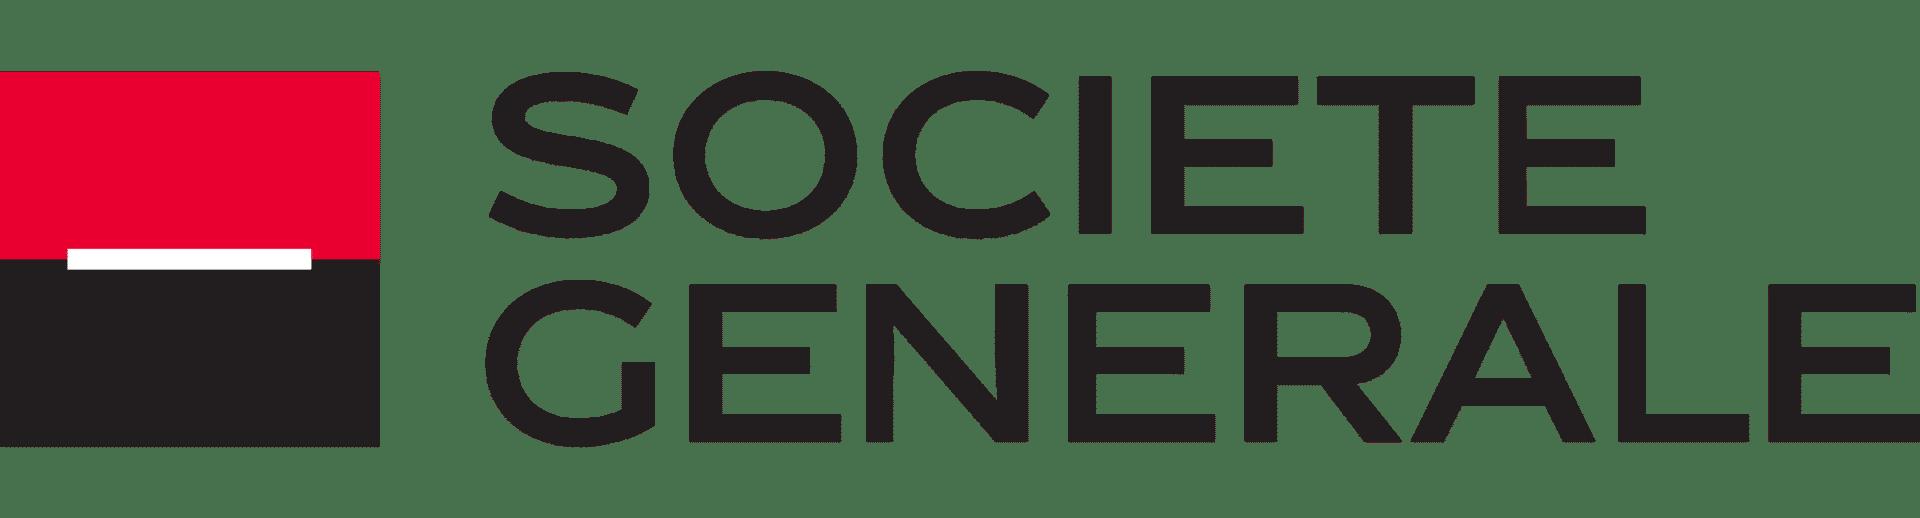 societe generale 2 logo png transparent 1920x518 - Devenir partenaire